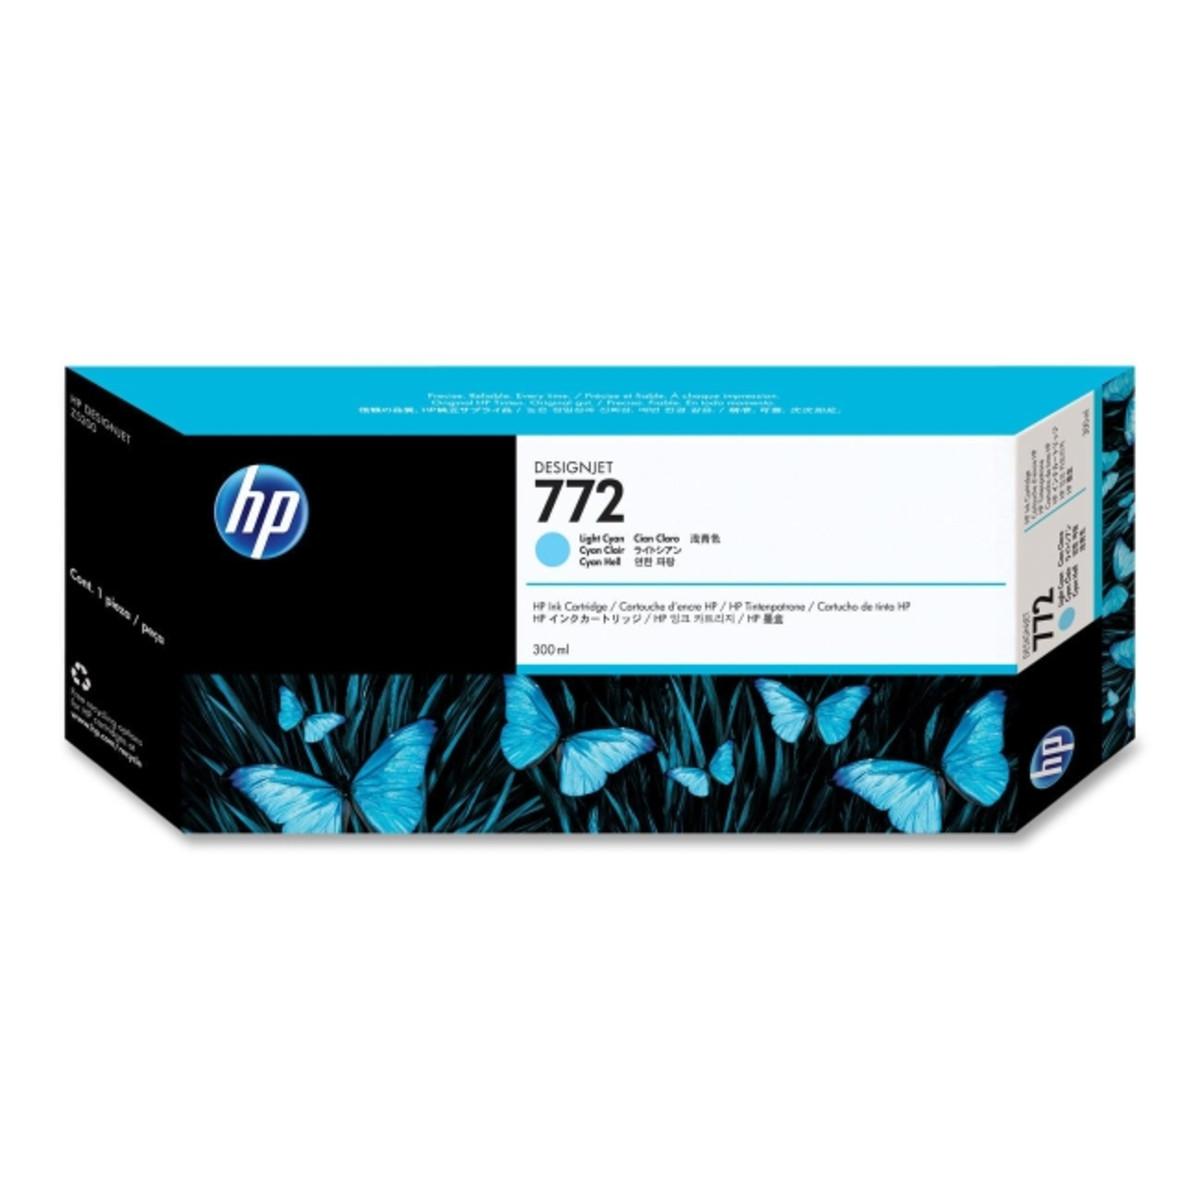 HP 772 (CN636A) Cyan Ink Cartridge